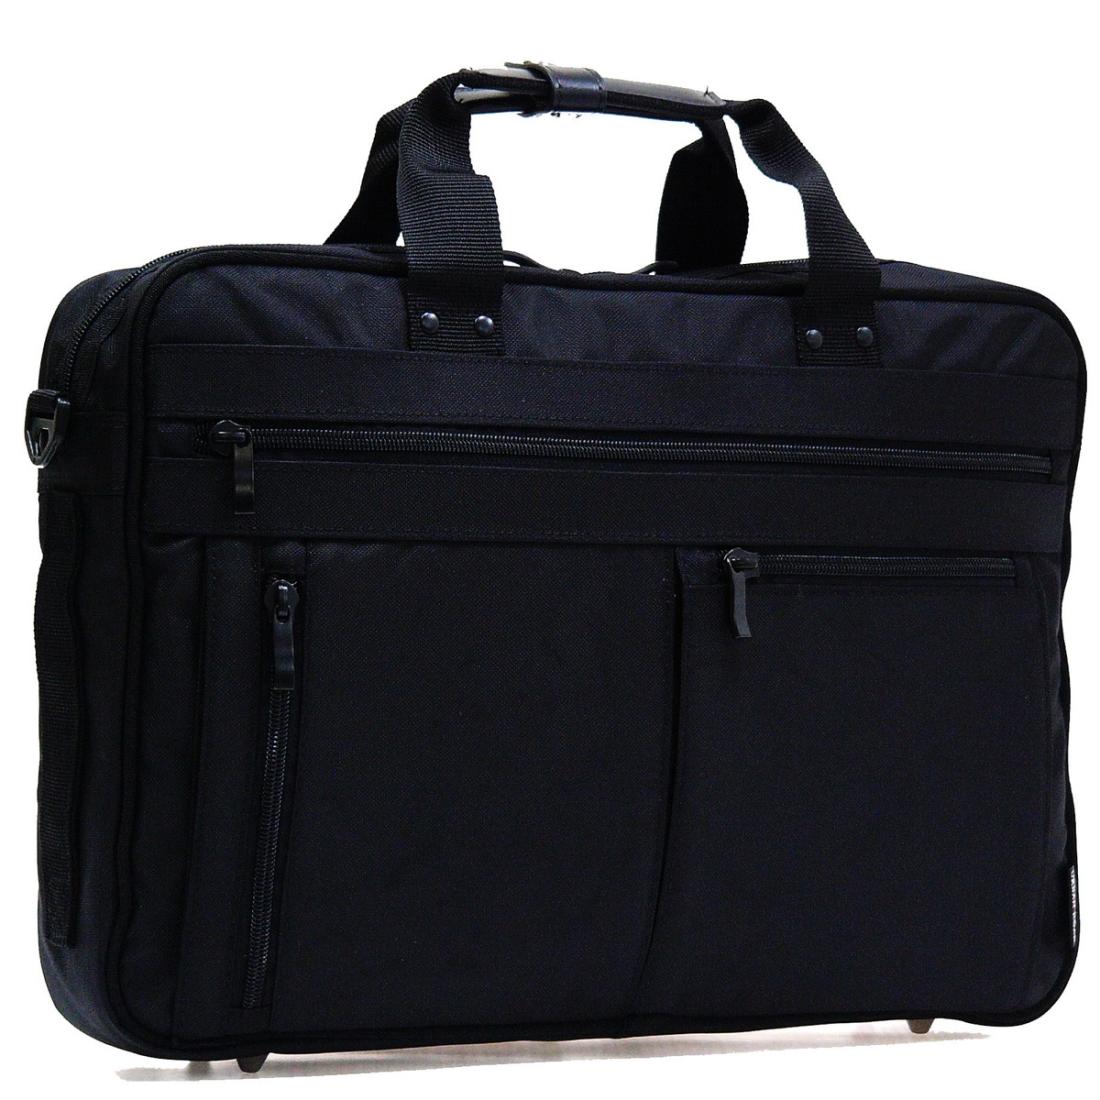 おしゃれ デザイン ビジネス 通勤カバン 通勤 バッグ 3WAY 軽量 強度 耐久性 軽量ビジネスバッグ3WAY S ブラック